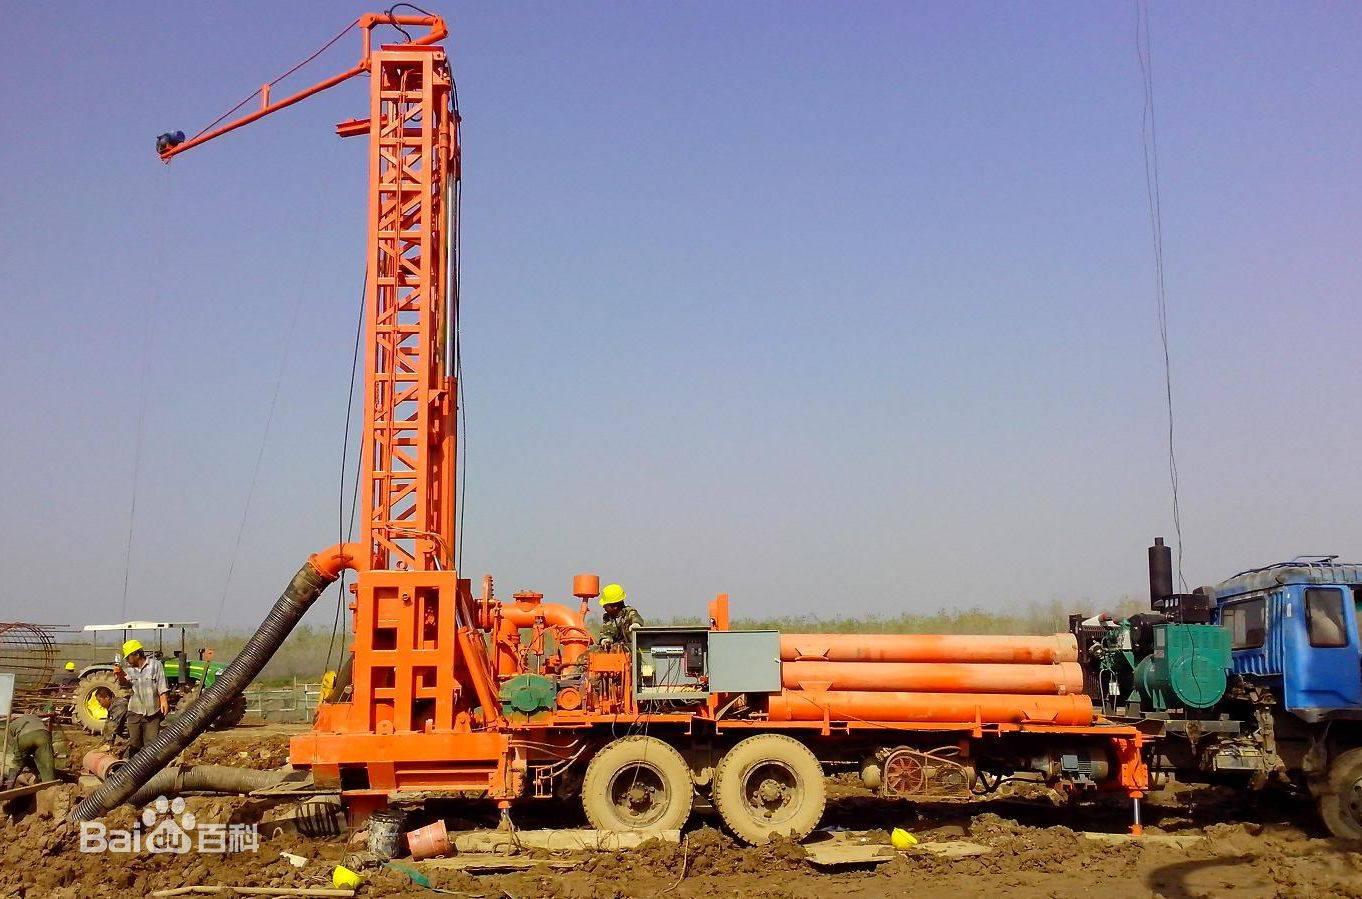 反循环钻机 专业反循环钻机qy8千亿国际施工  随时进场施工